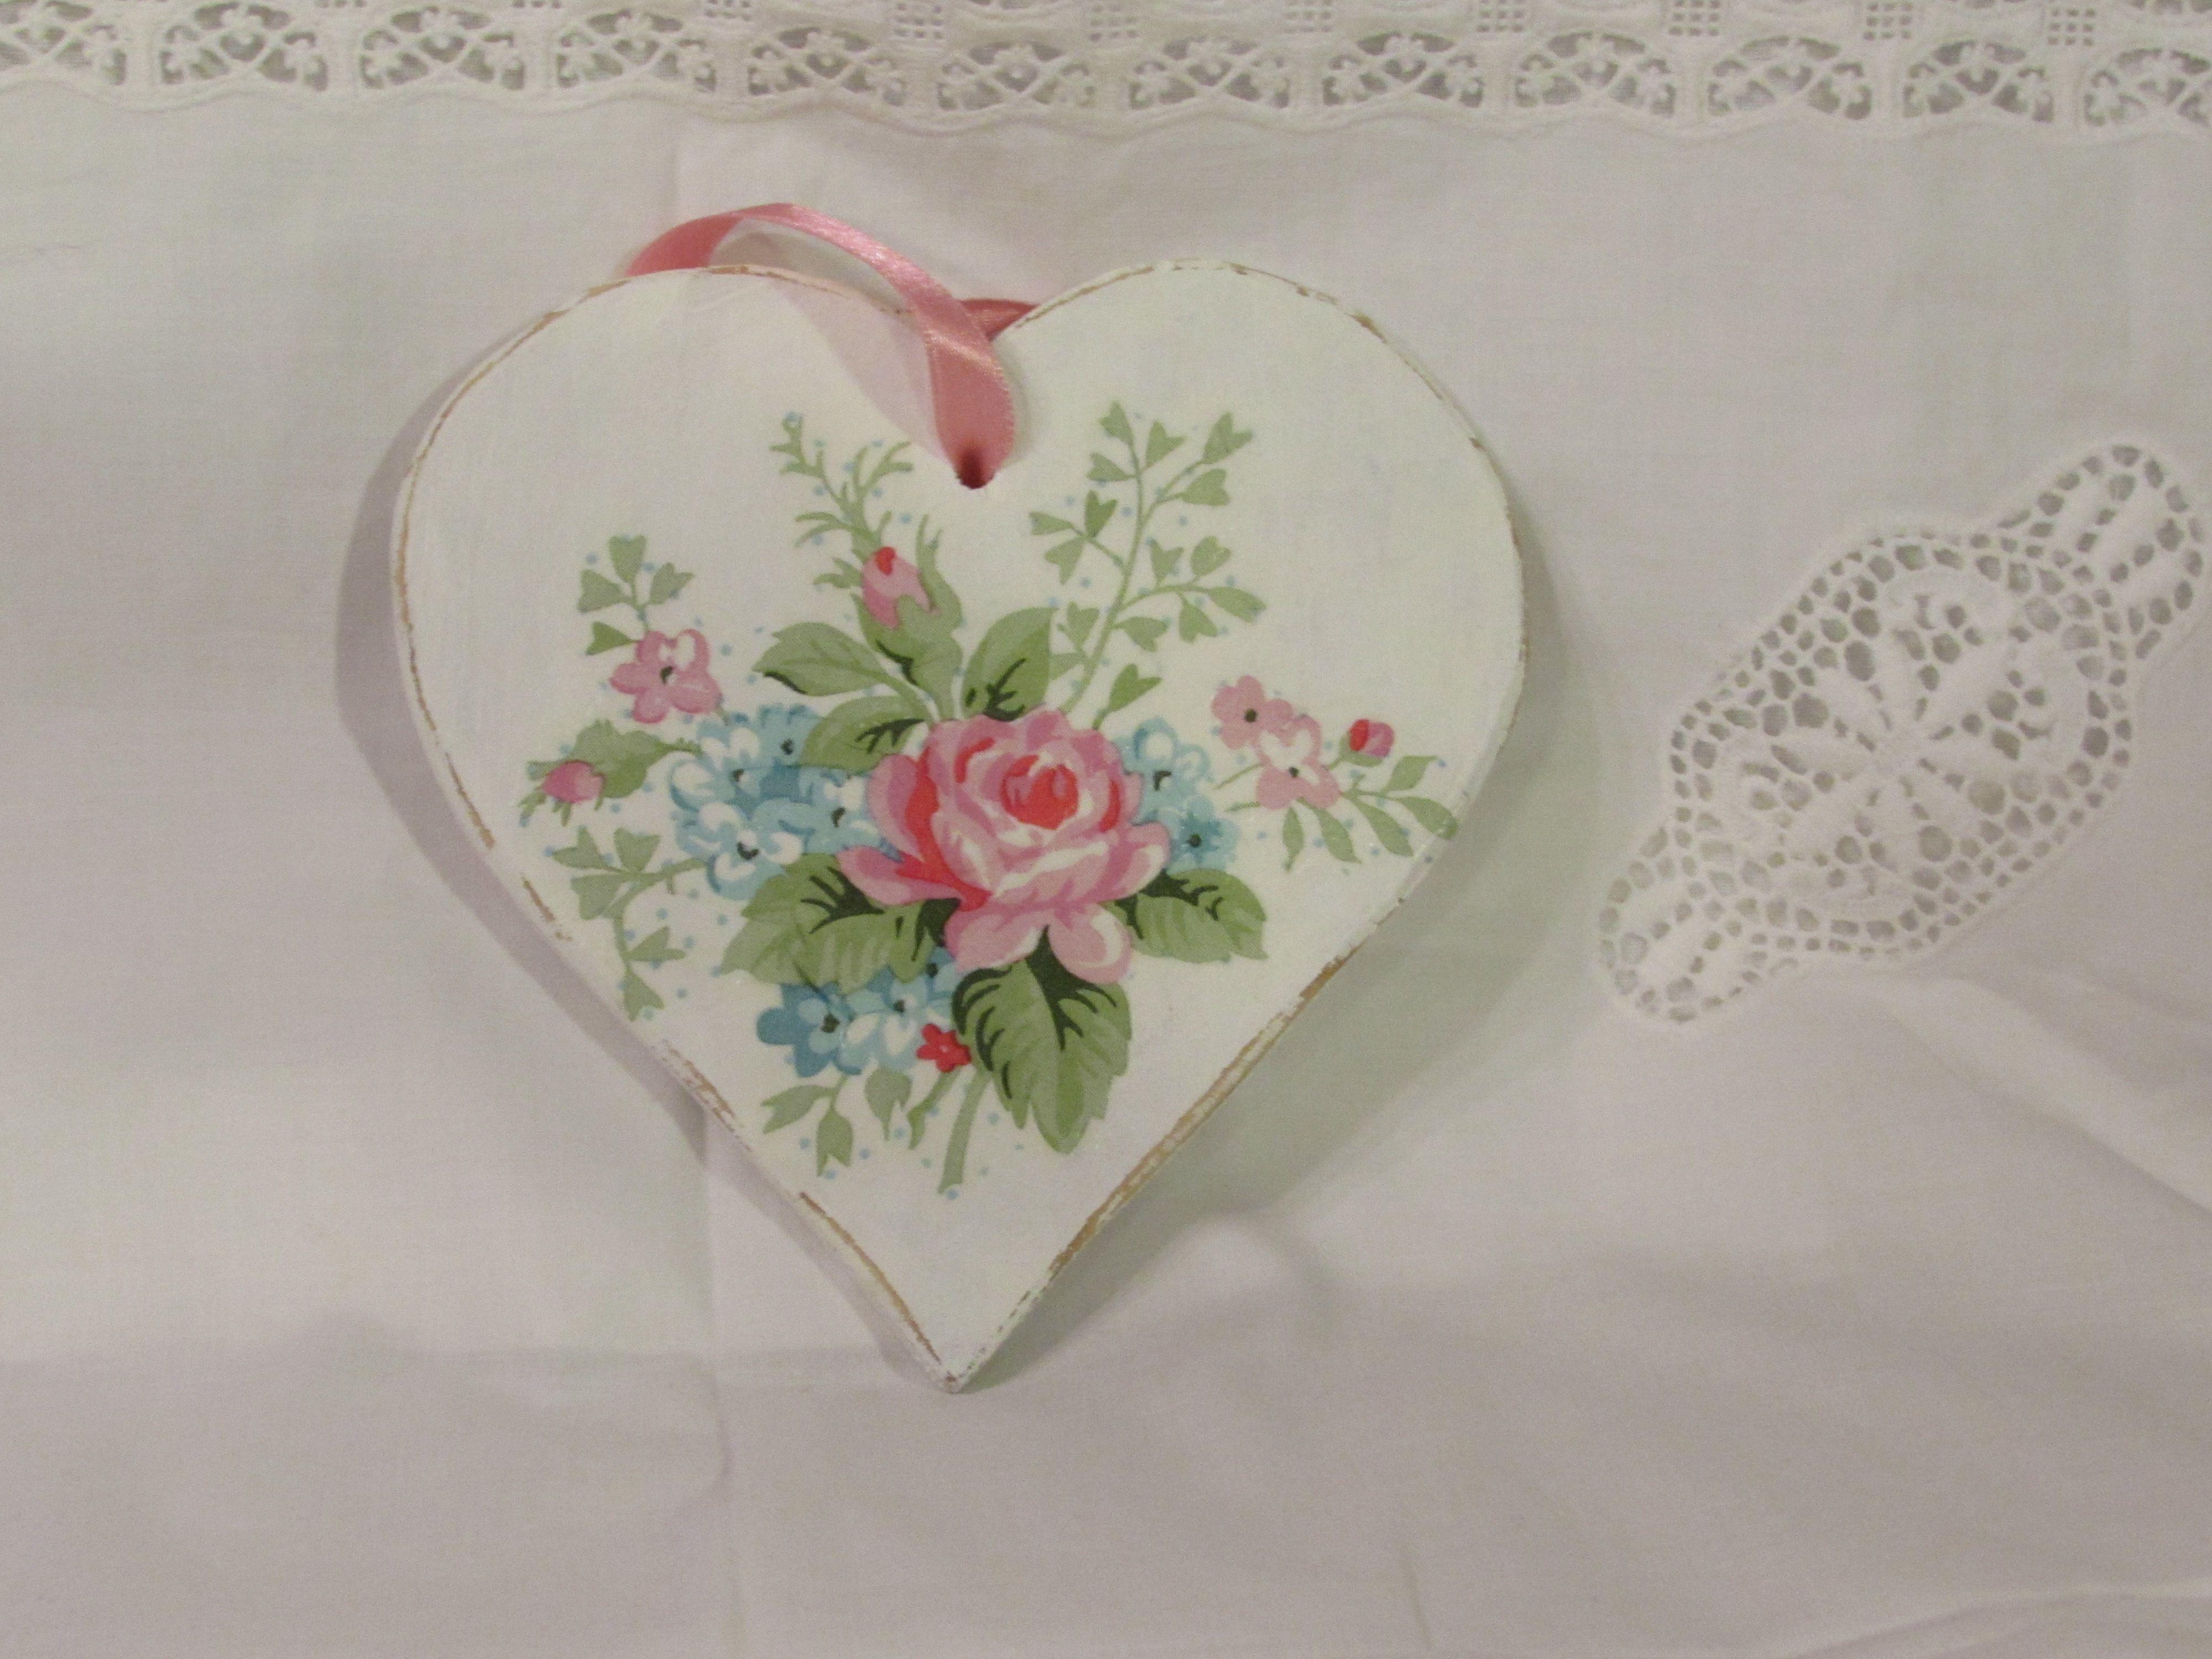 Sydän koriste seinälle kauniilla kukkasomisteella.